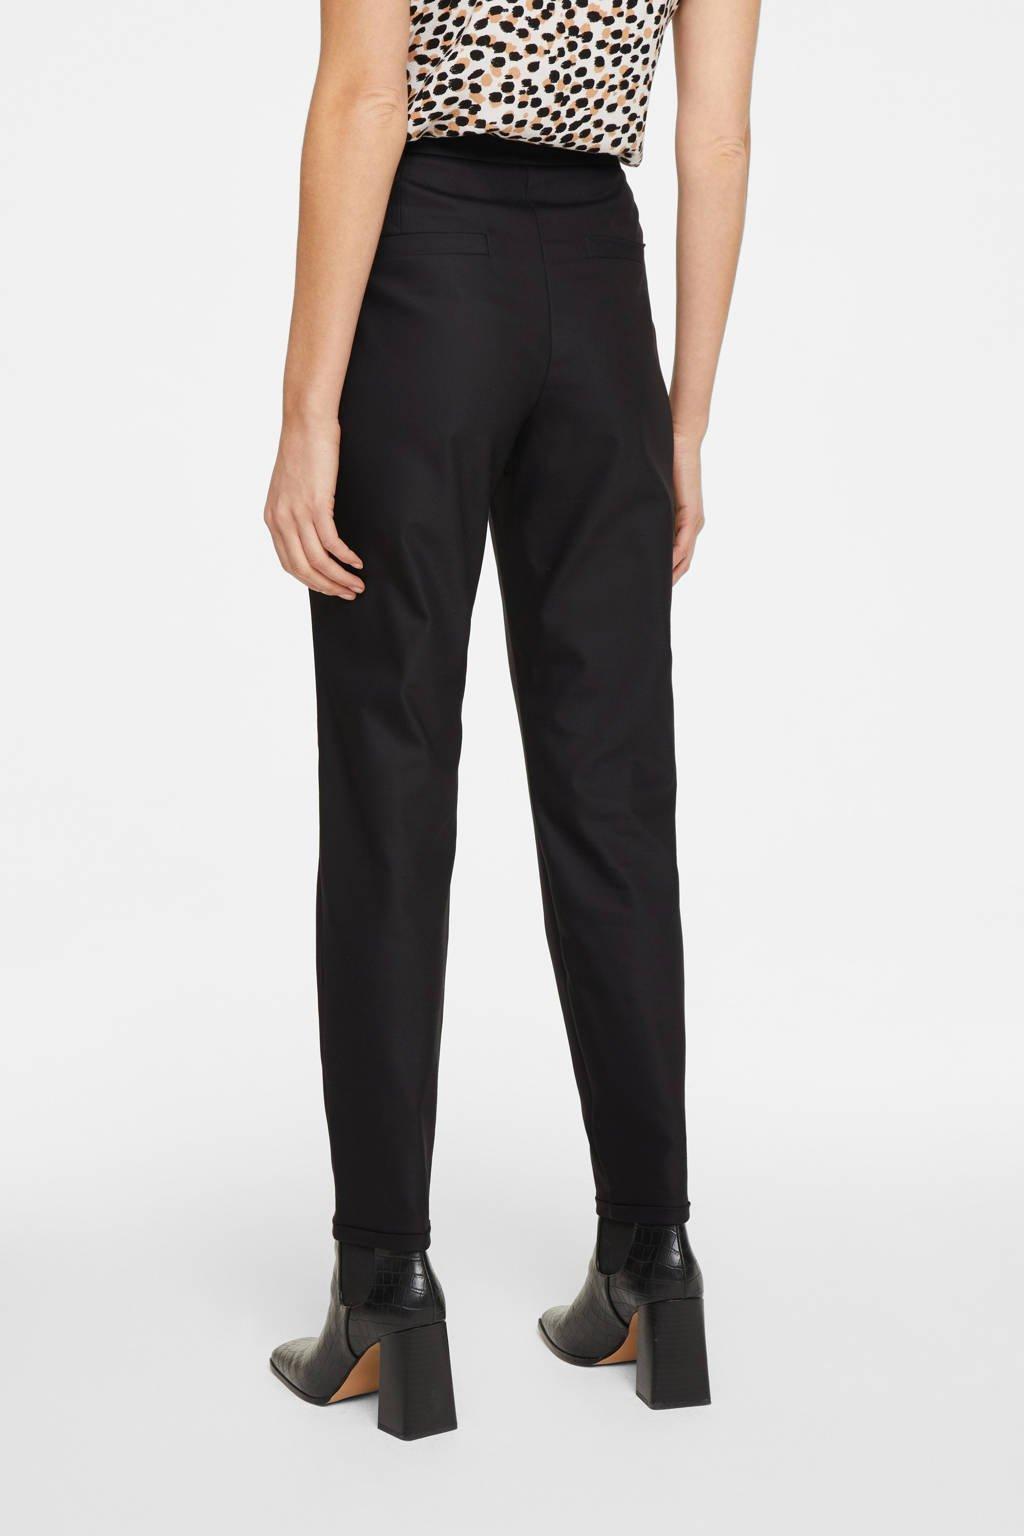 comma high waist tapered fit pantalon zwart, Zwart